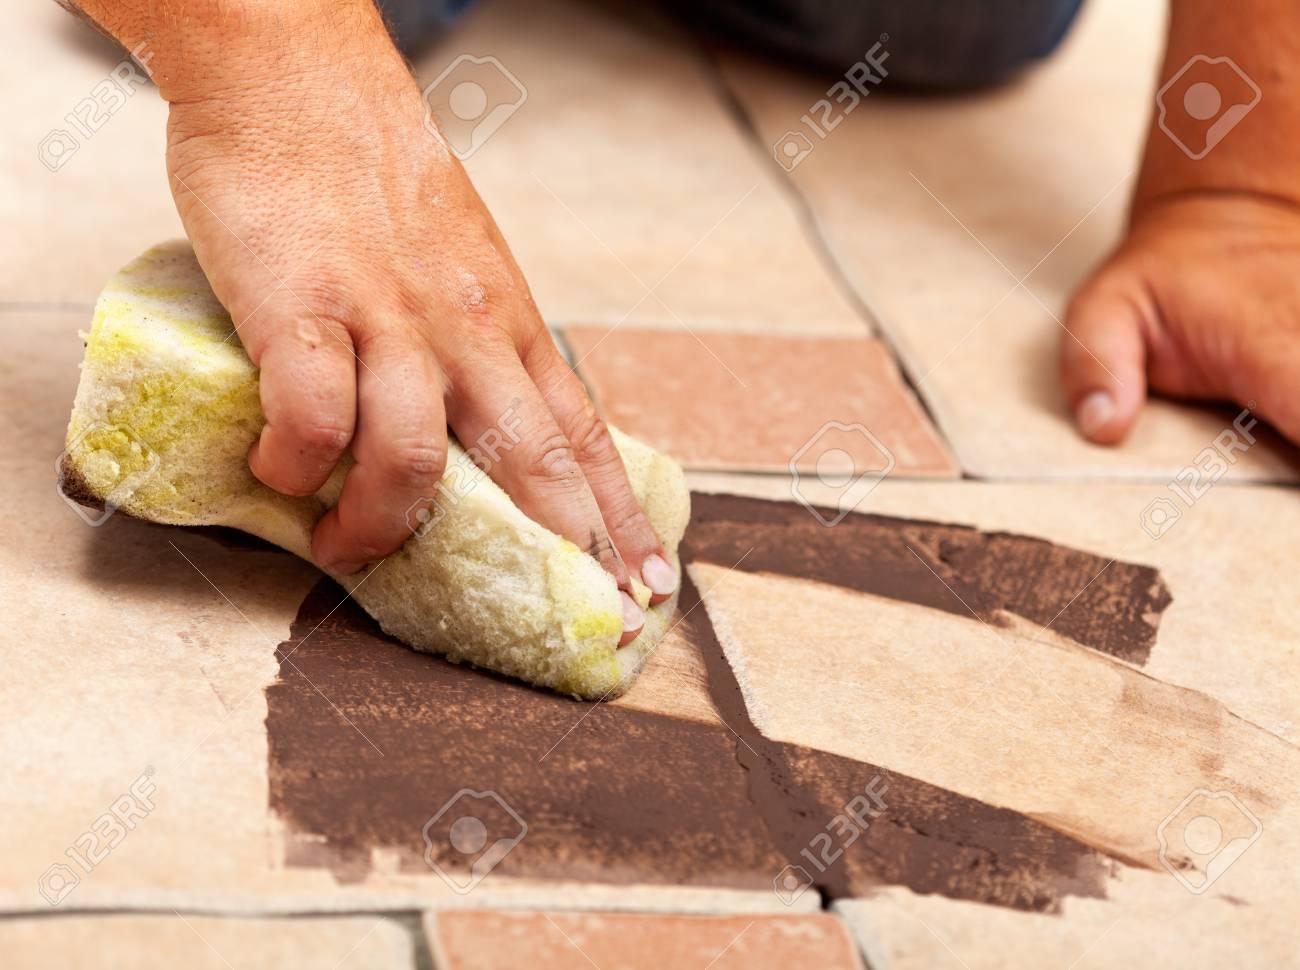 installieren von keramikfliesenboden - die prüfung der farb von